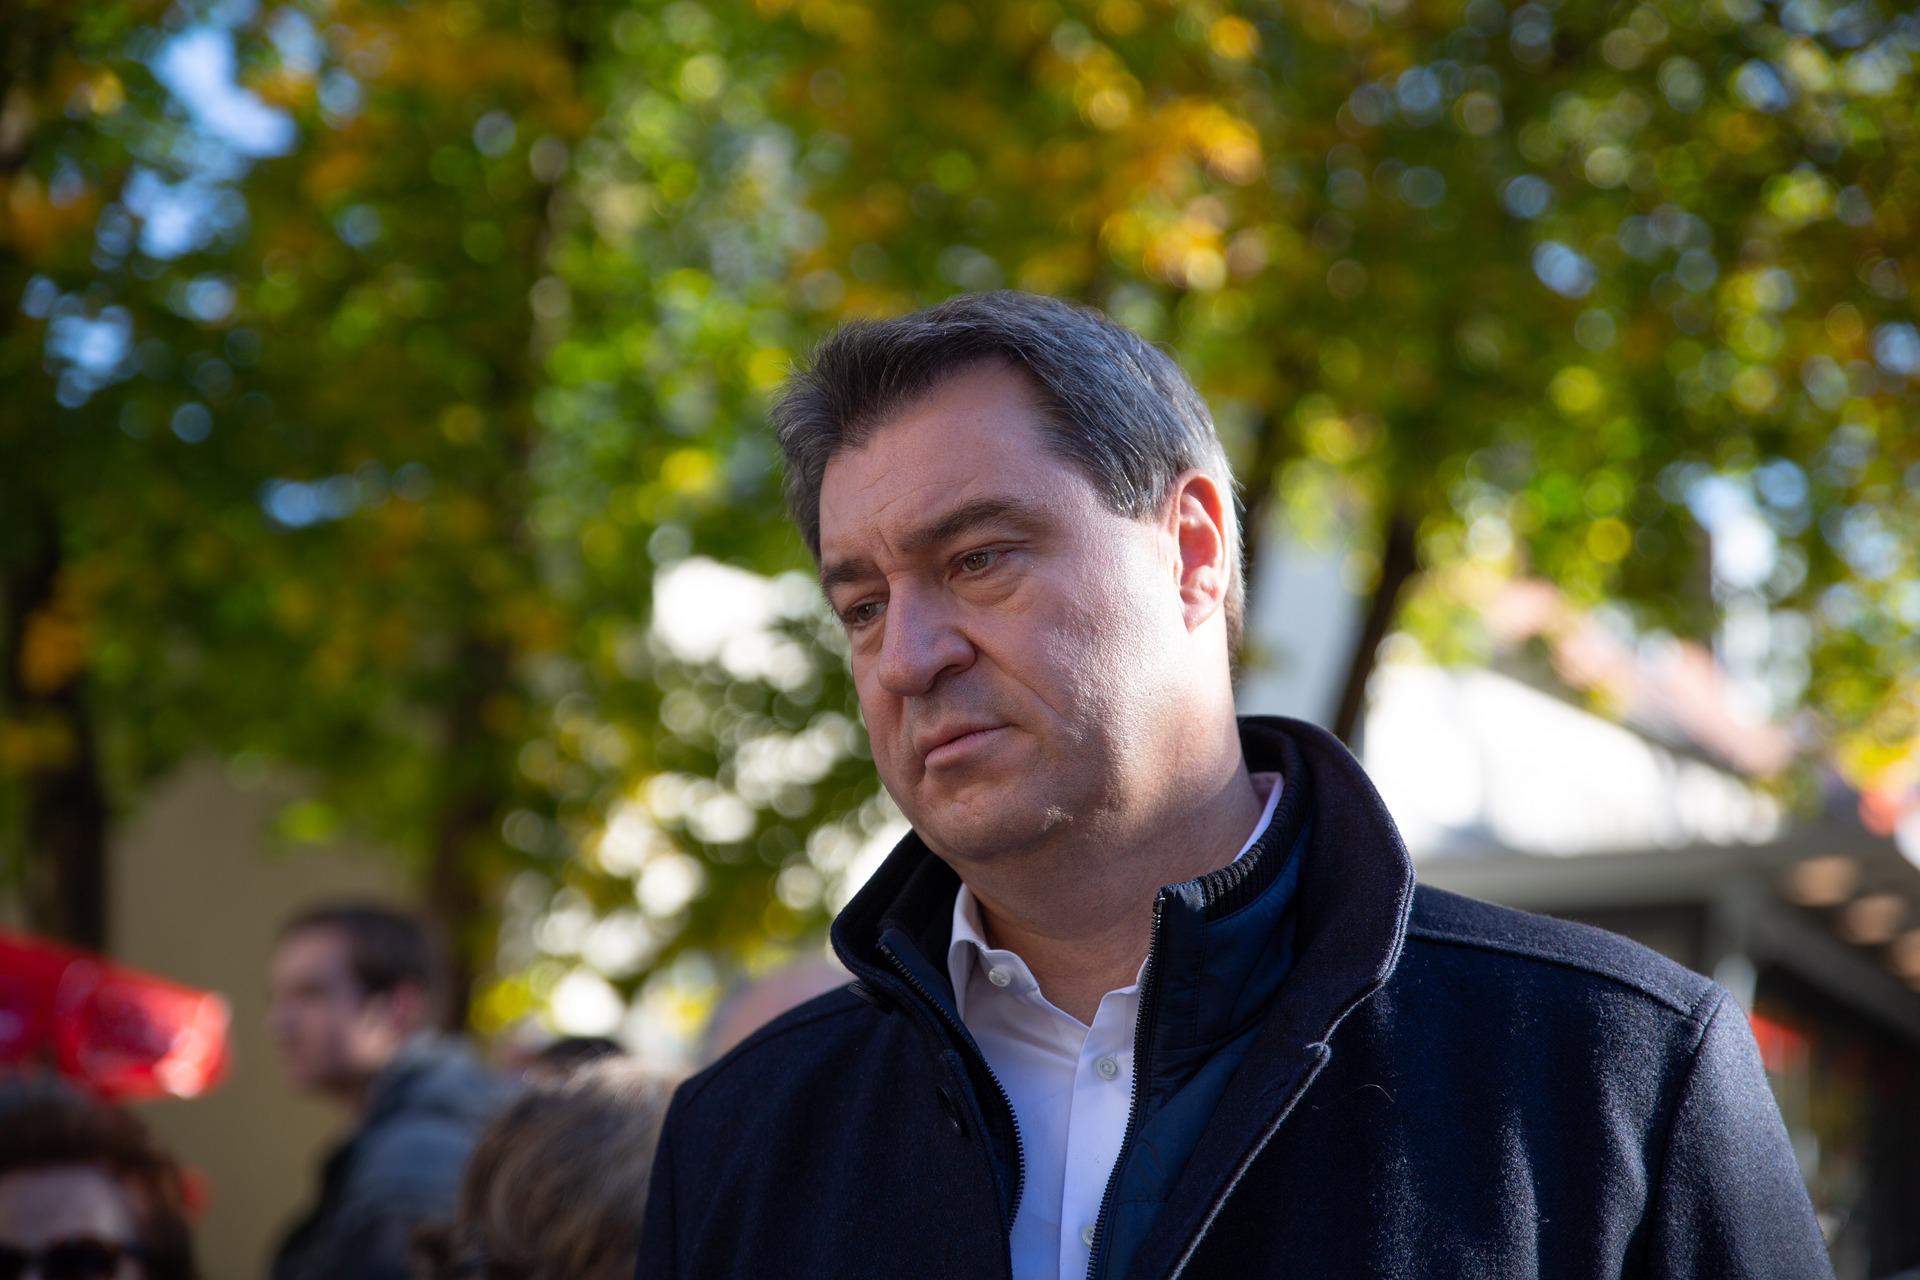 Söders Kritik an MP-Wahl in Thüringen wirft Fragen auf